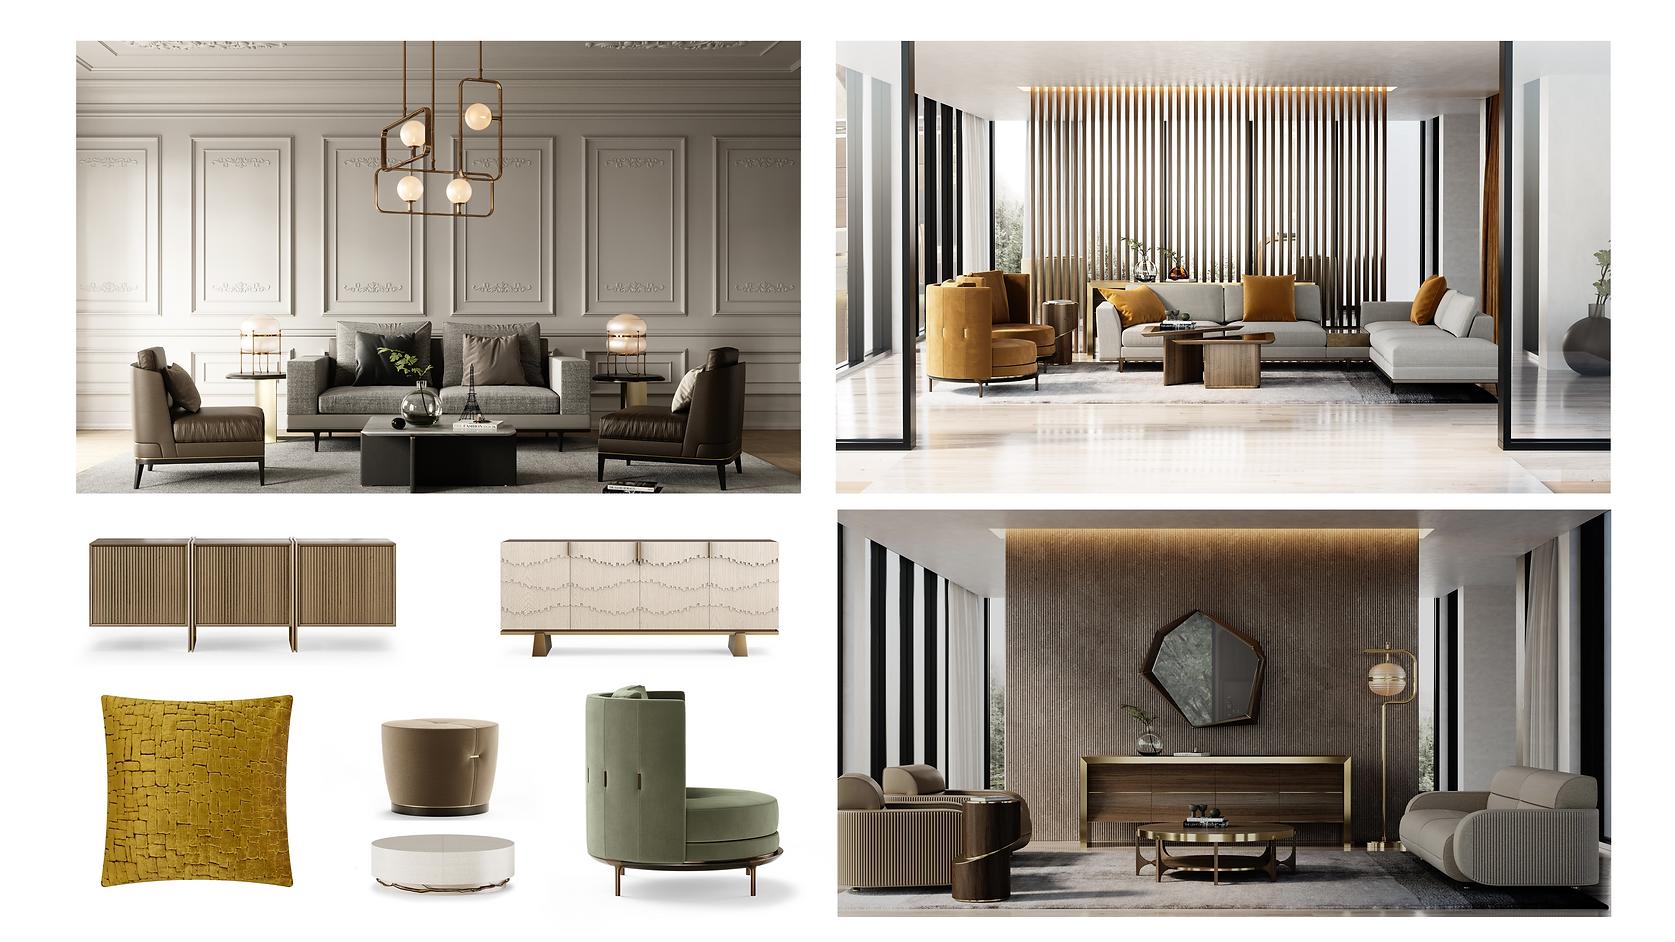 Spicy Lemon London Luxury Design Studio